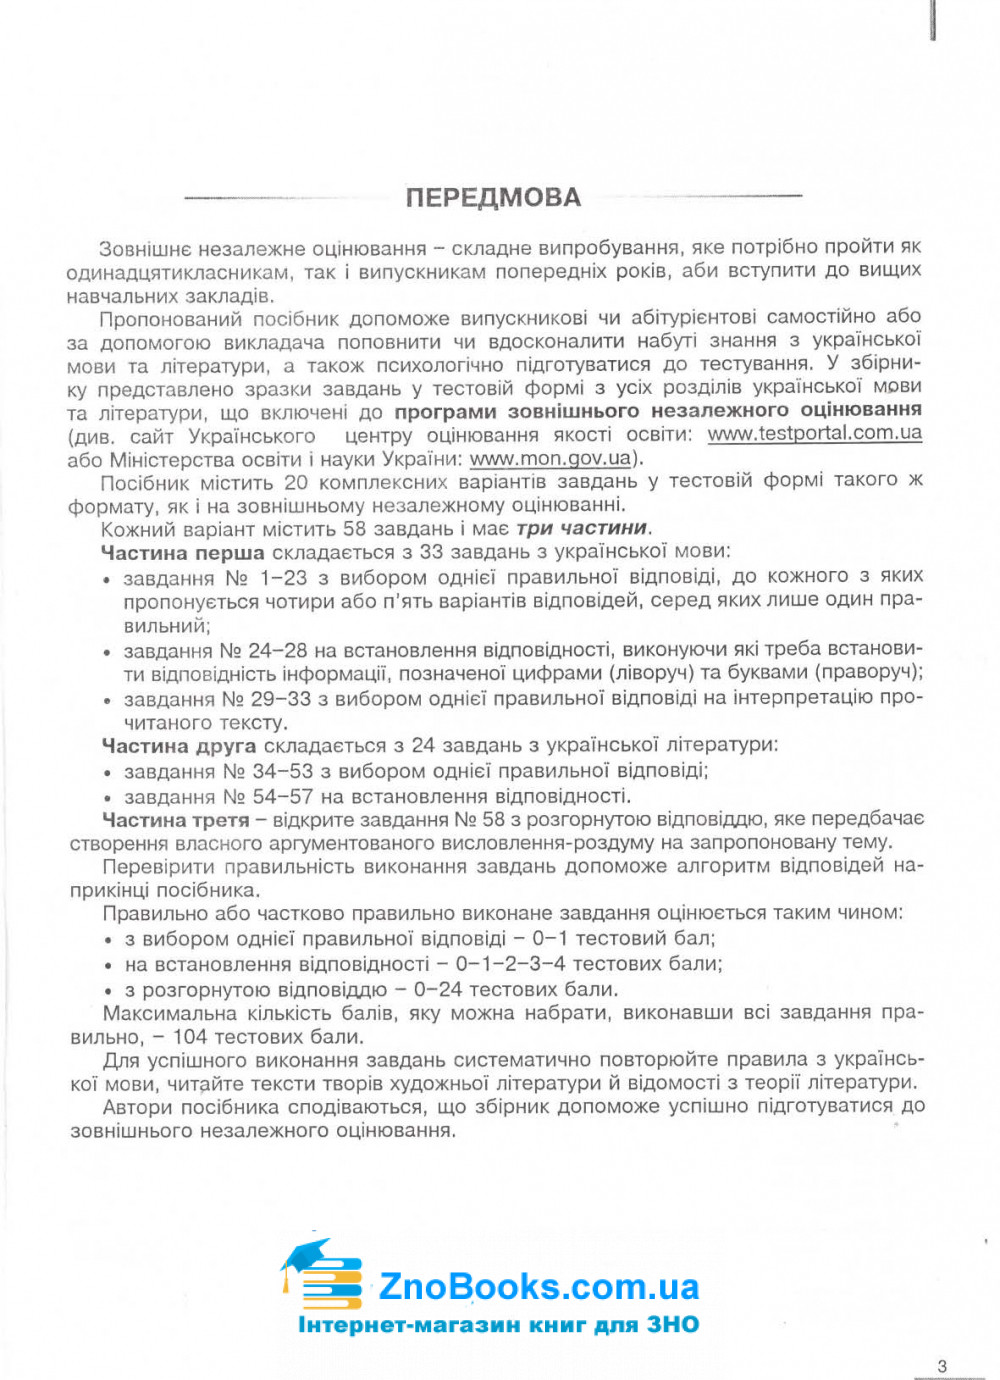 ЗНО 2021 Українська мова та література. Збірник завдань 20 варіантів: Куриліна О. Абетка 3